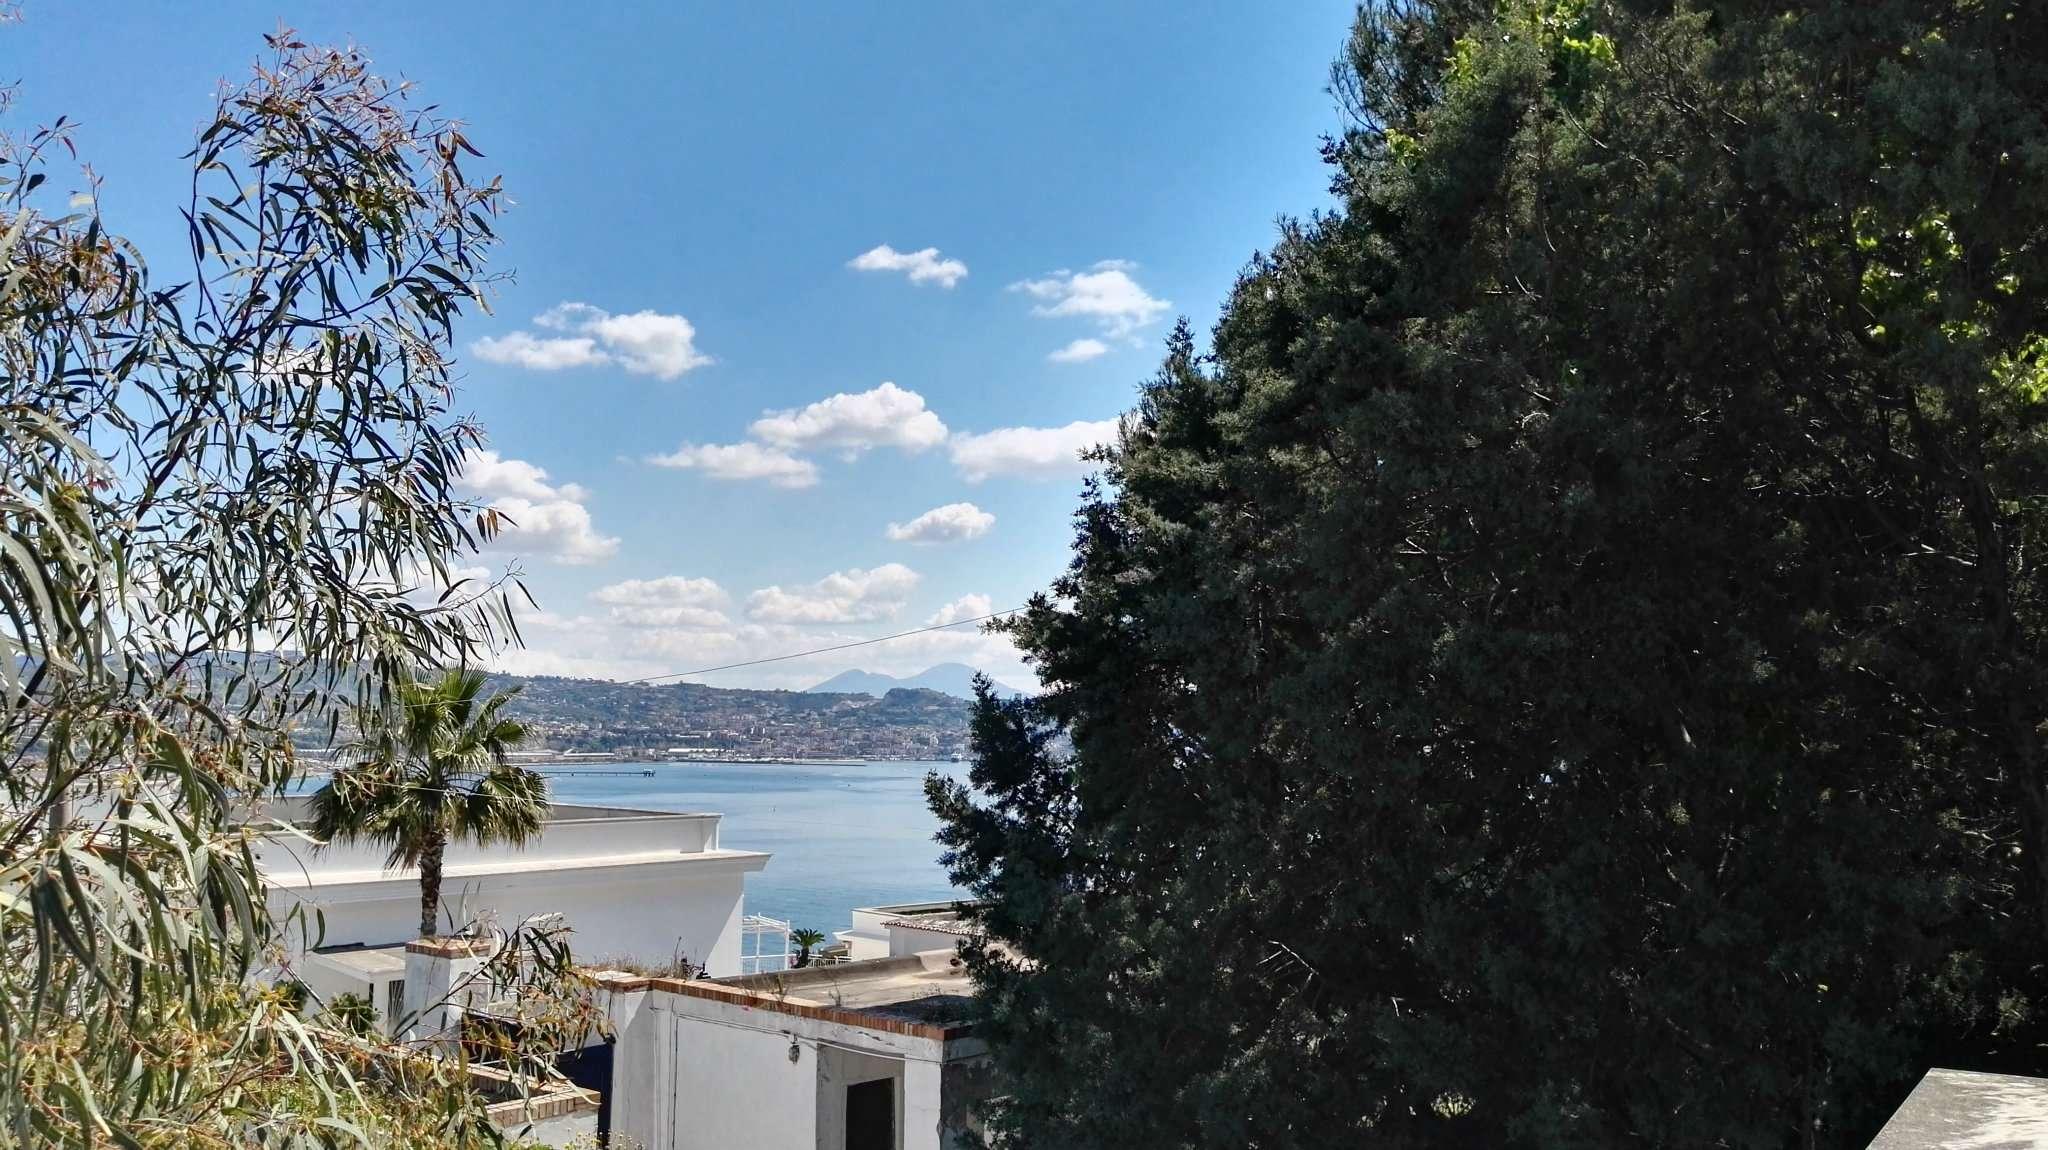 Appartamento in vendita a Bacoli, 6 locali, prezzo € 330.000 | Cambio Casa.it